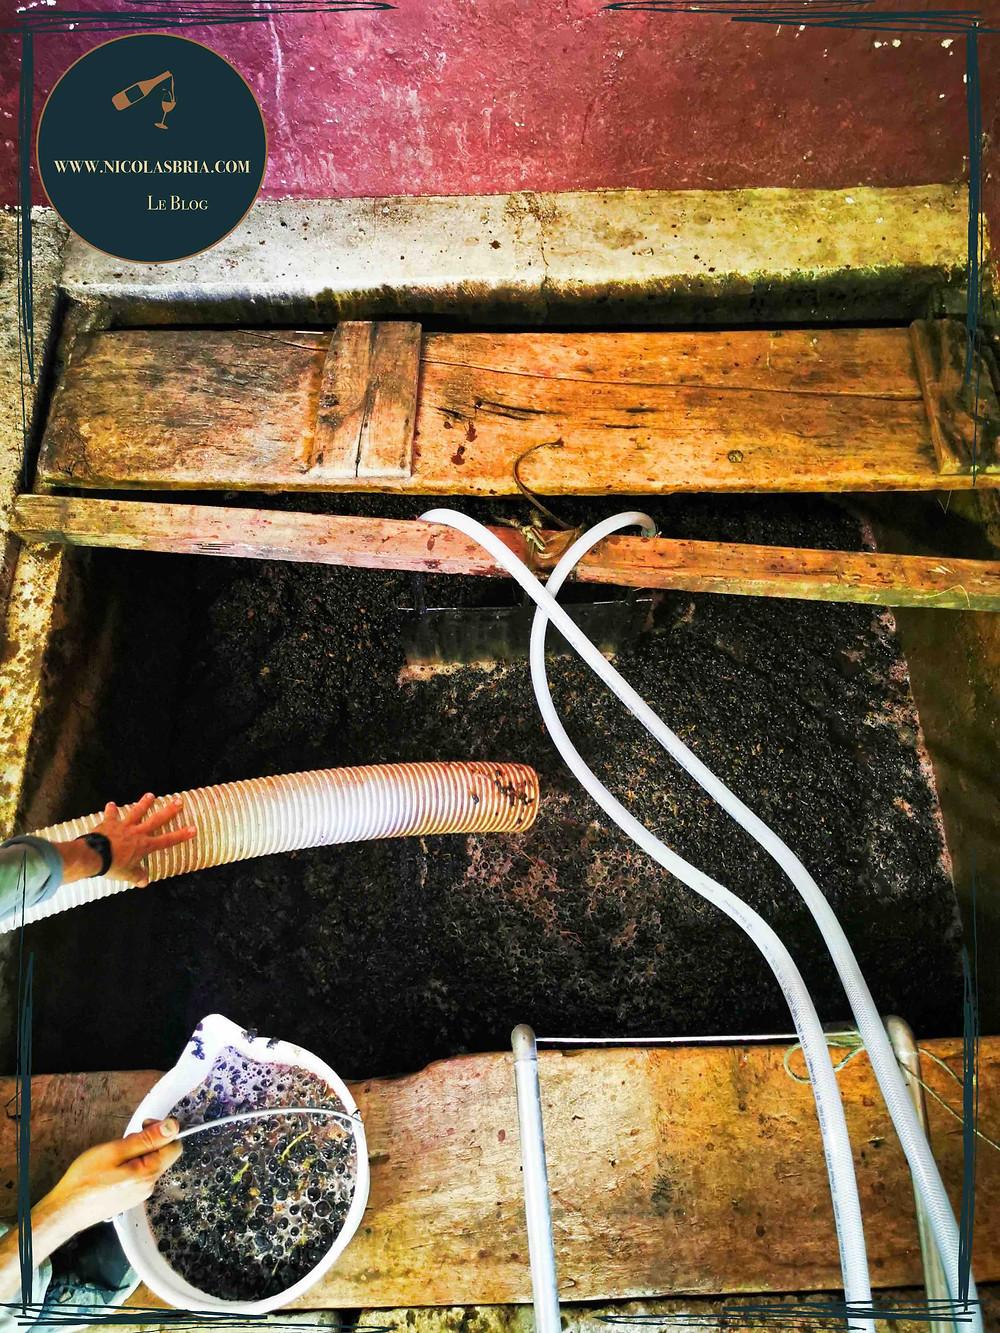 On y voit une cuve en pierre rempli de raisins en train de fermenter